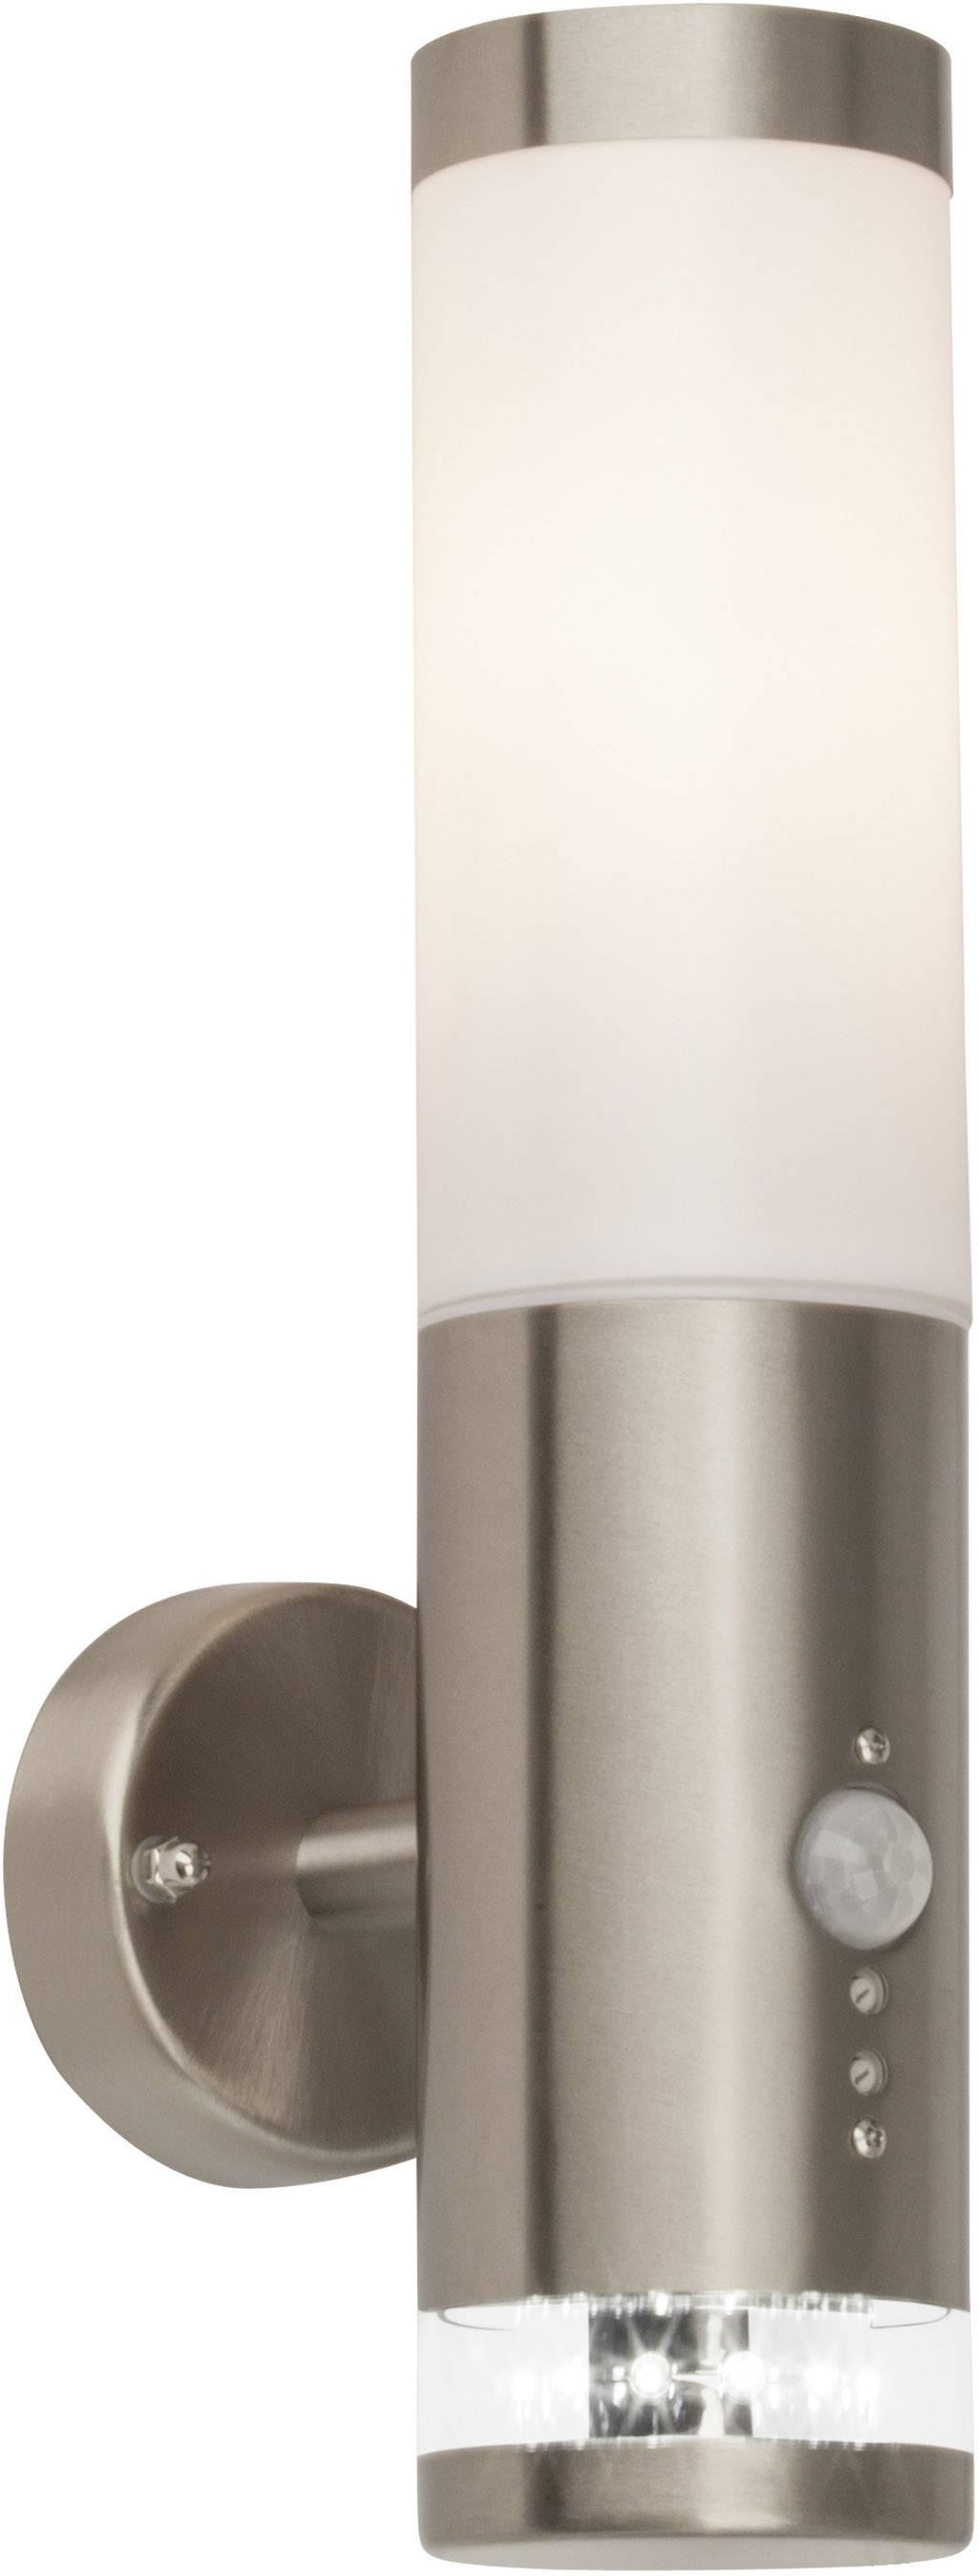 Vonkajšie nástennéosvetleniesPIR senzorom Brilliant Bole G96131/82, E27, 60 W, kov, umelá hmota, nerezová oceľ